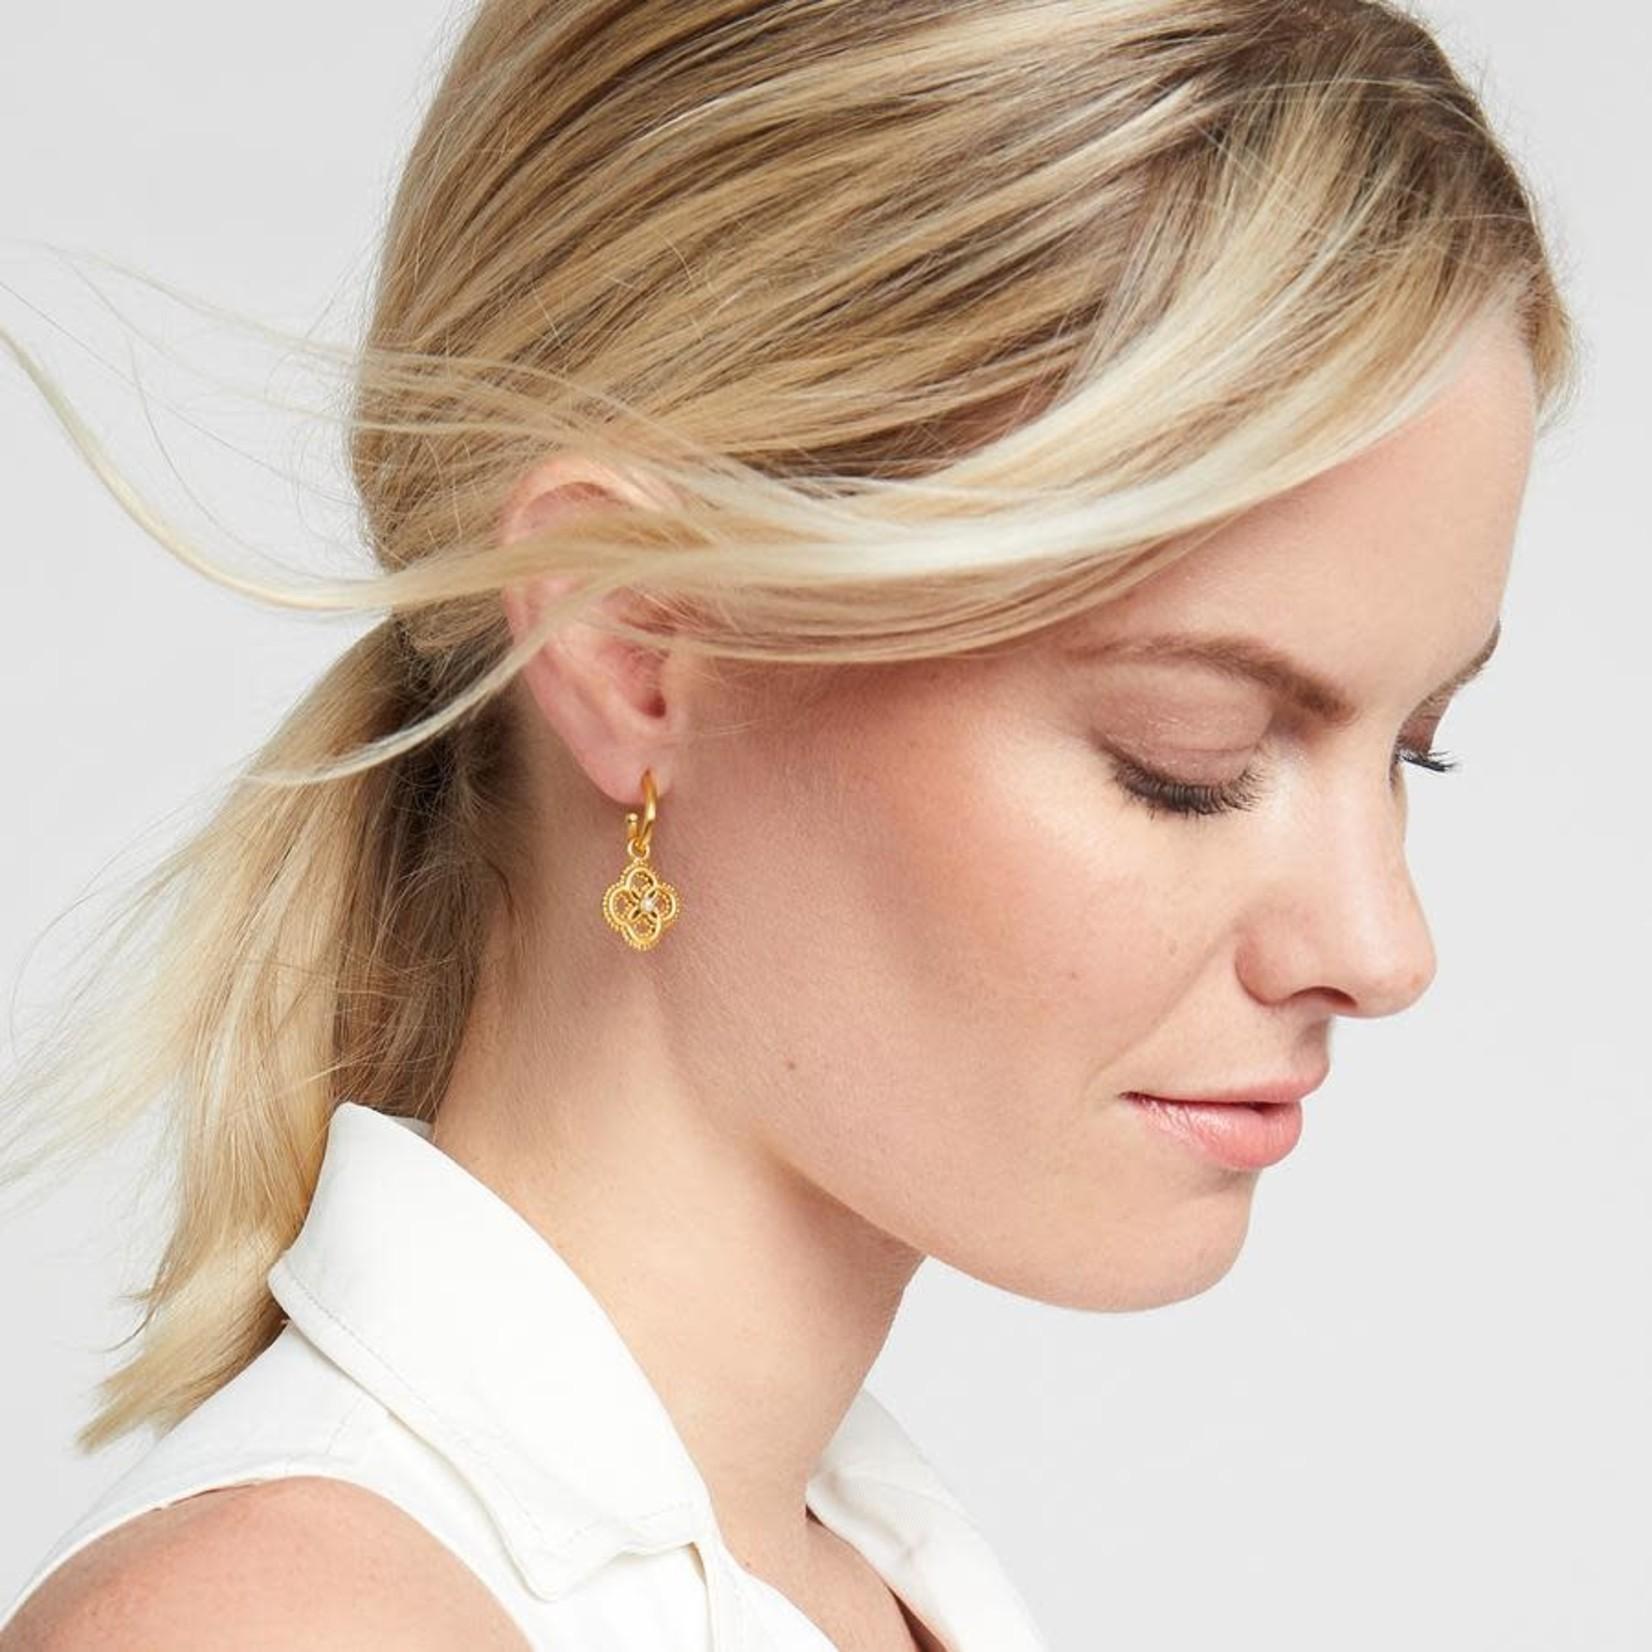 Chloe Pearl Hoop Charm Earring by Julie Vos